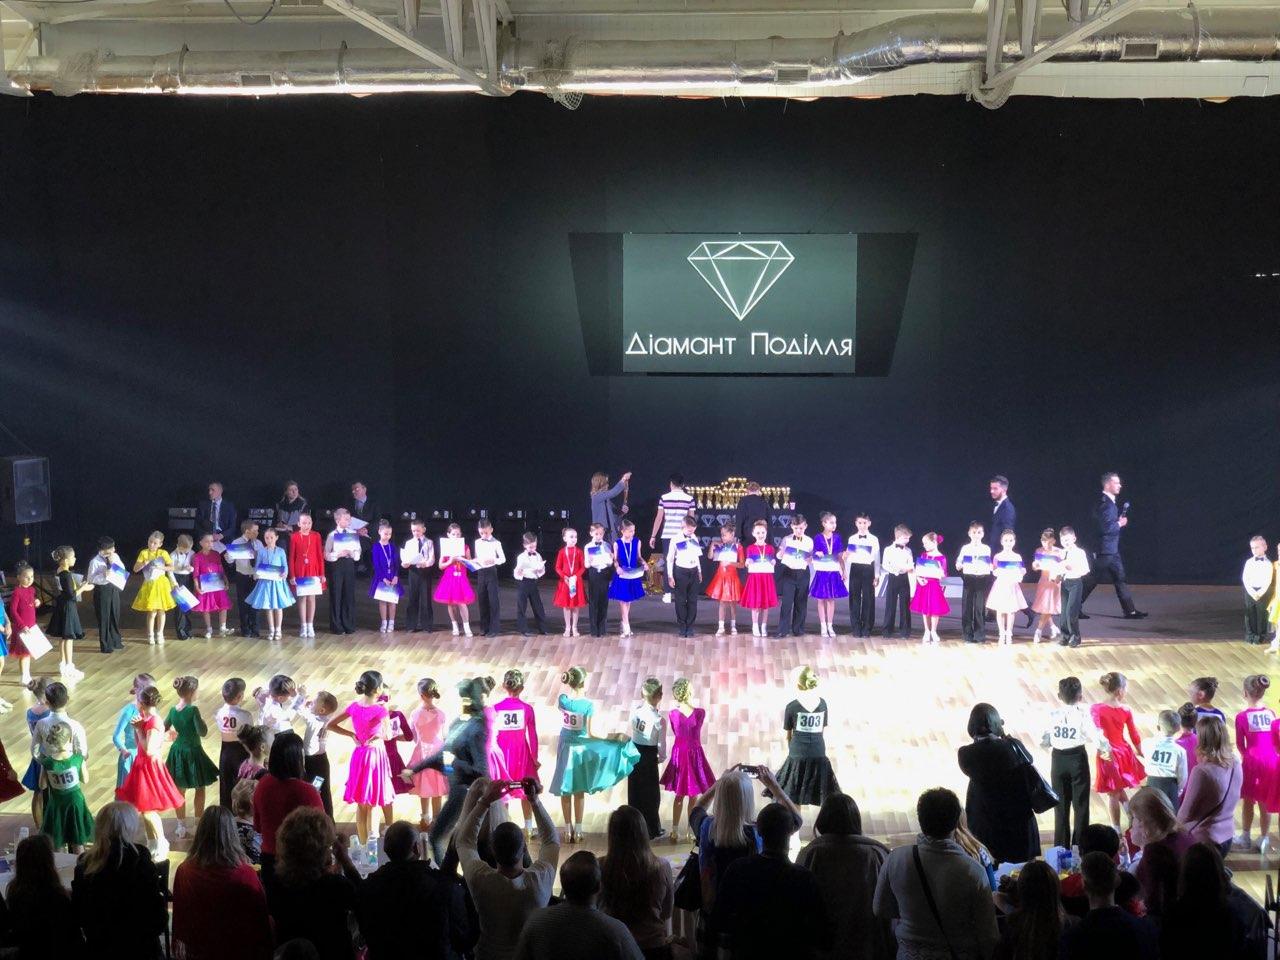 1 грудня у Вінниці відбувся всеукраїнський турнір «Діамант Поділля» з бальних танців